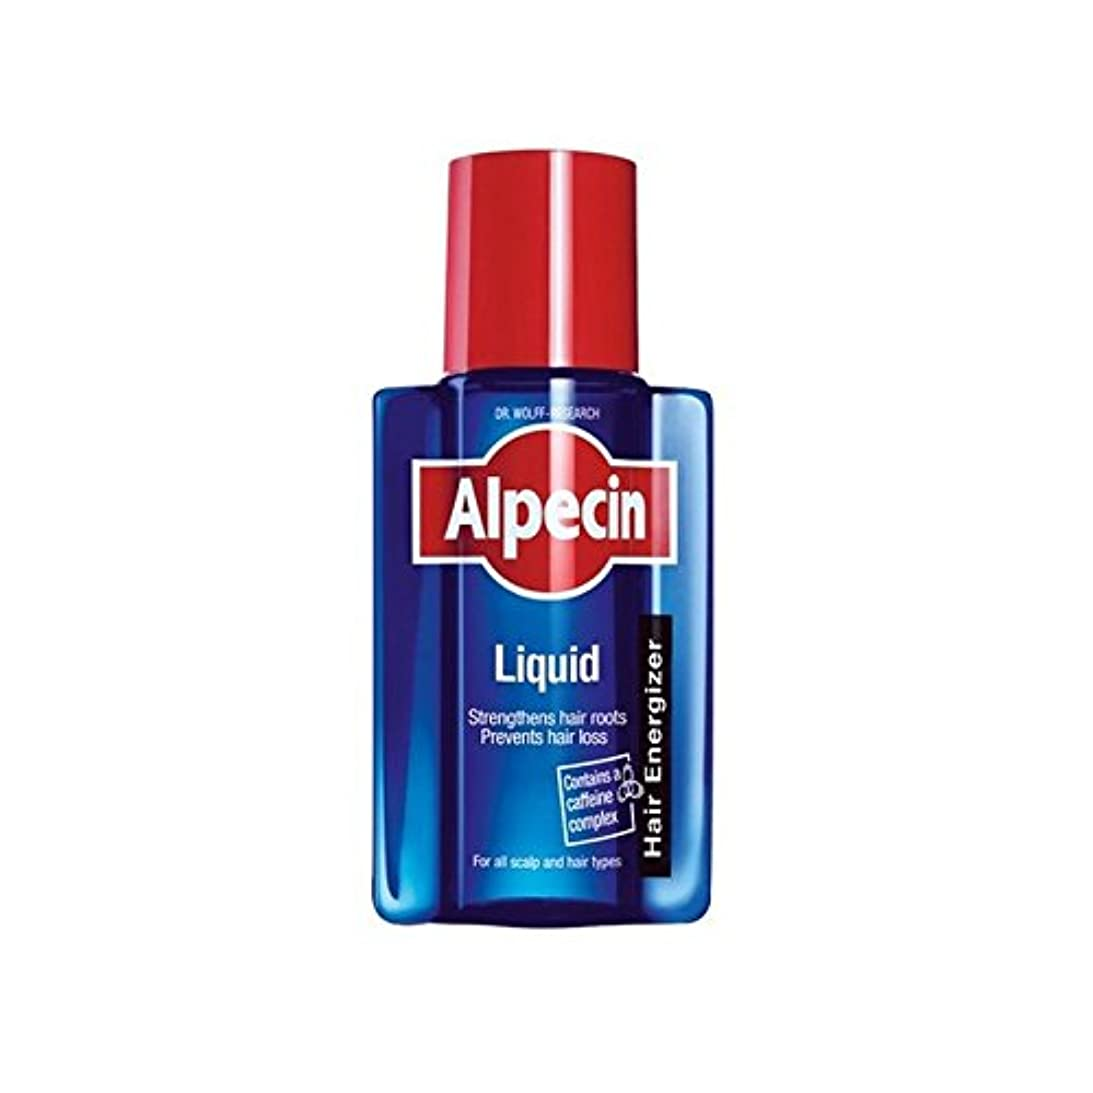 レバー折り目かすかな液体(200)中 x2 - Alpecin Liquid (200ml) (Pack of 2) [並行輸入品]